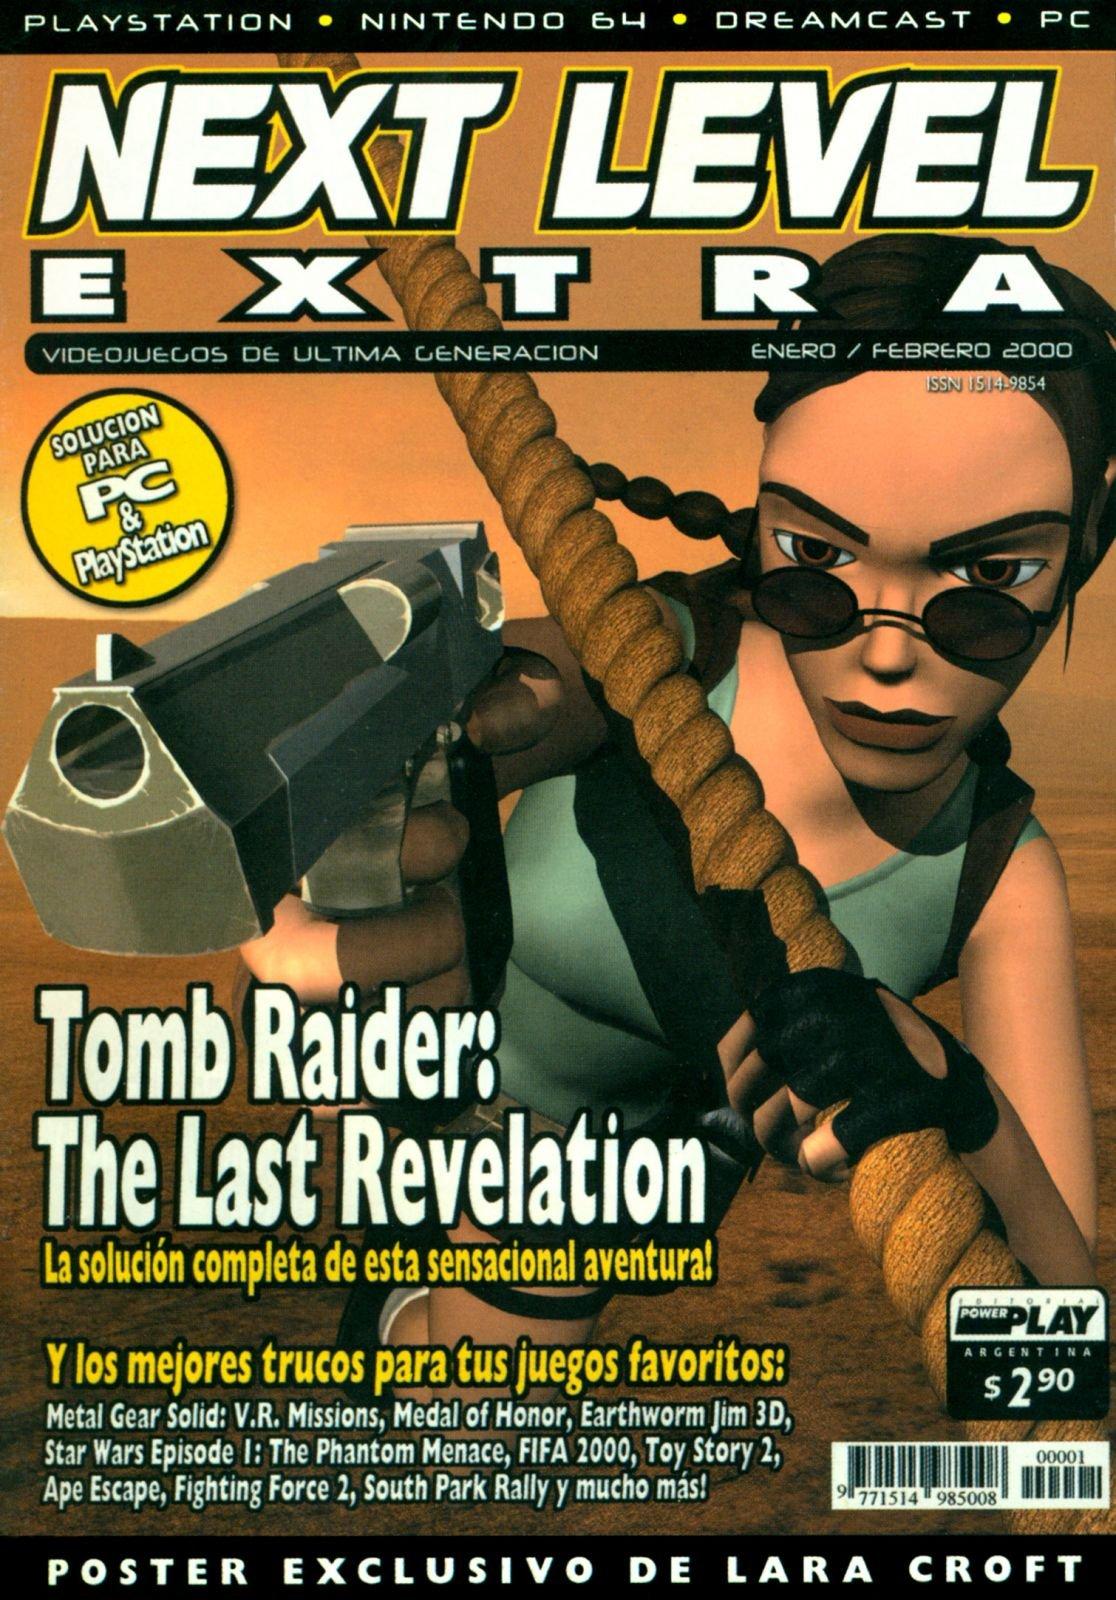 Next Level Extra 01 January 2000